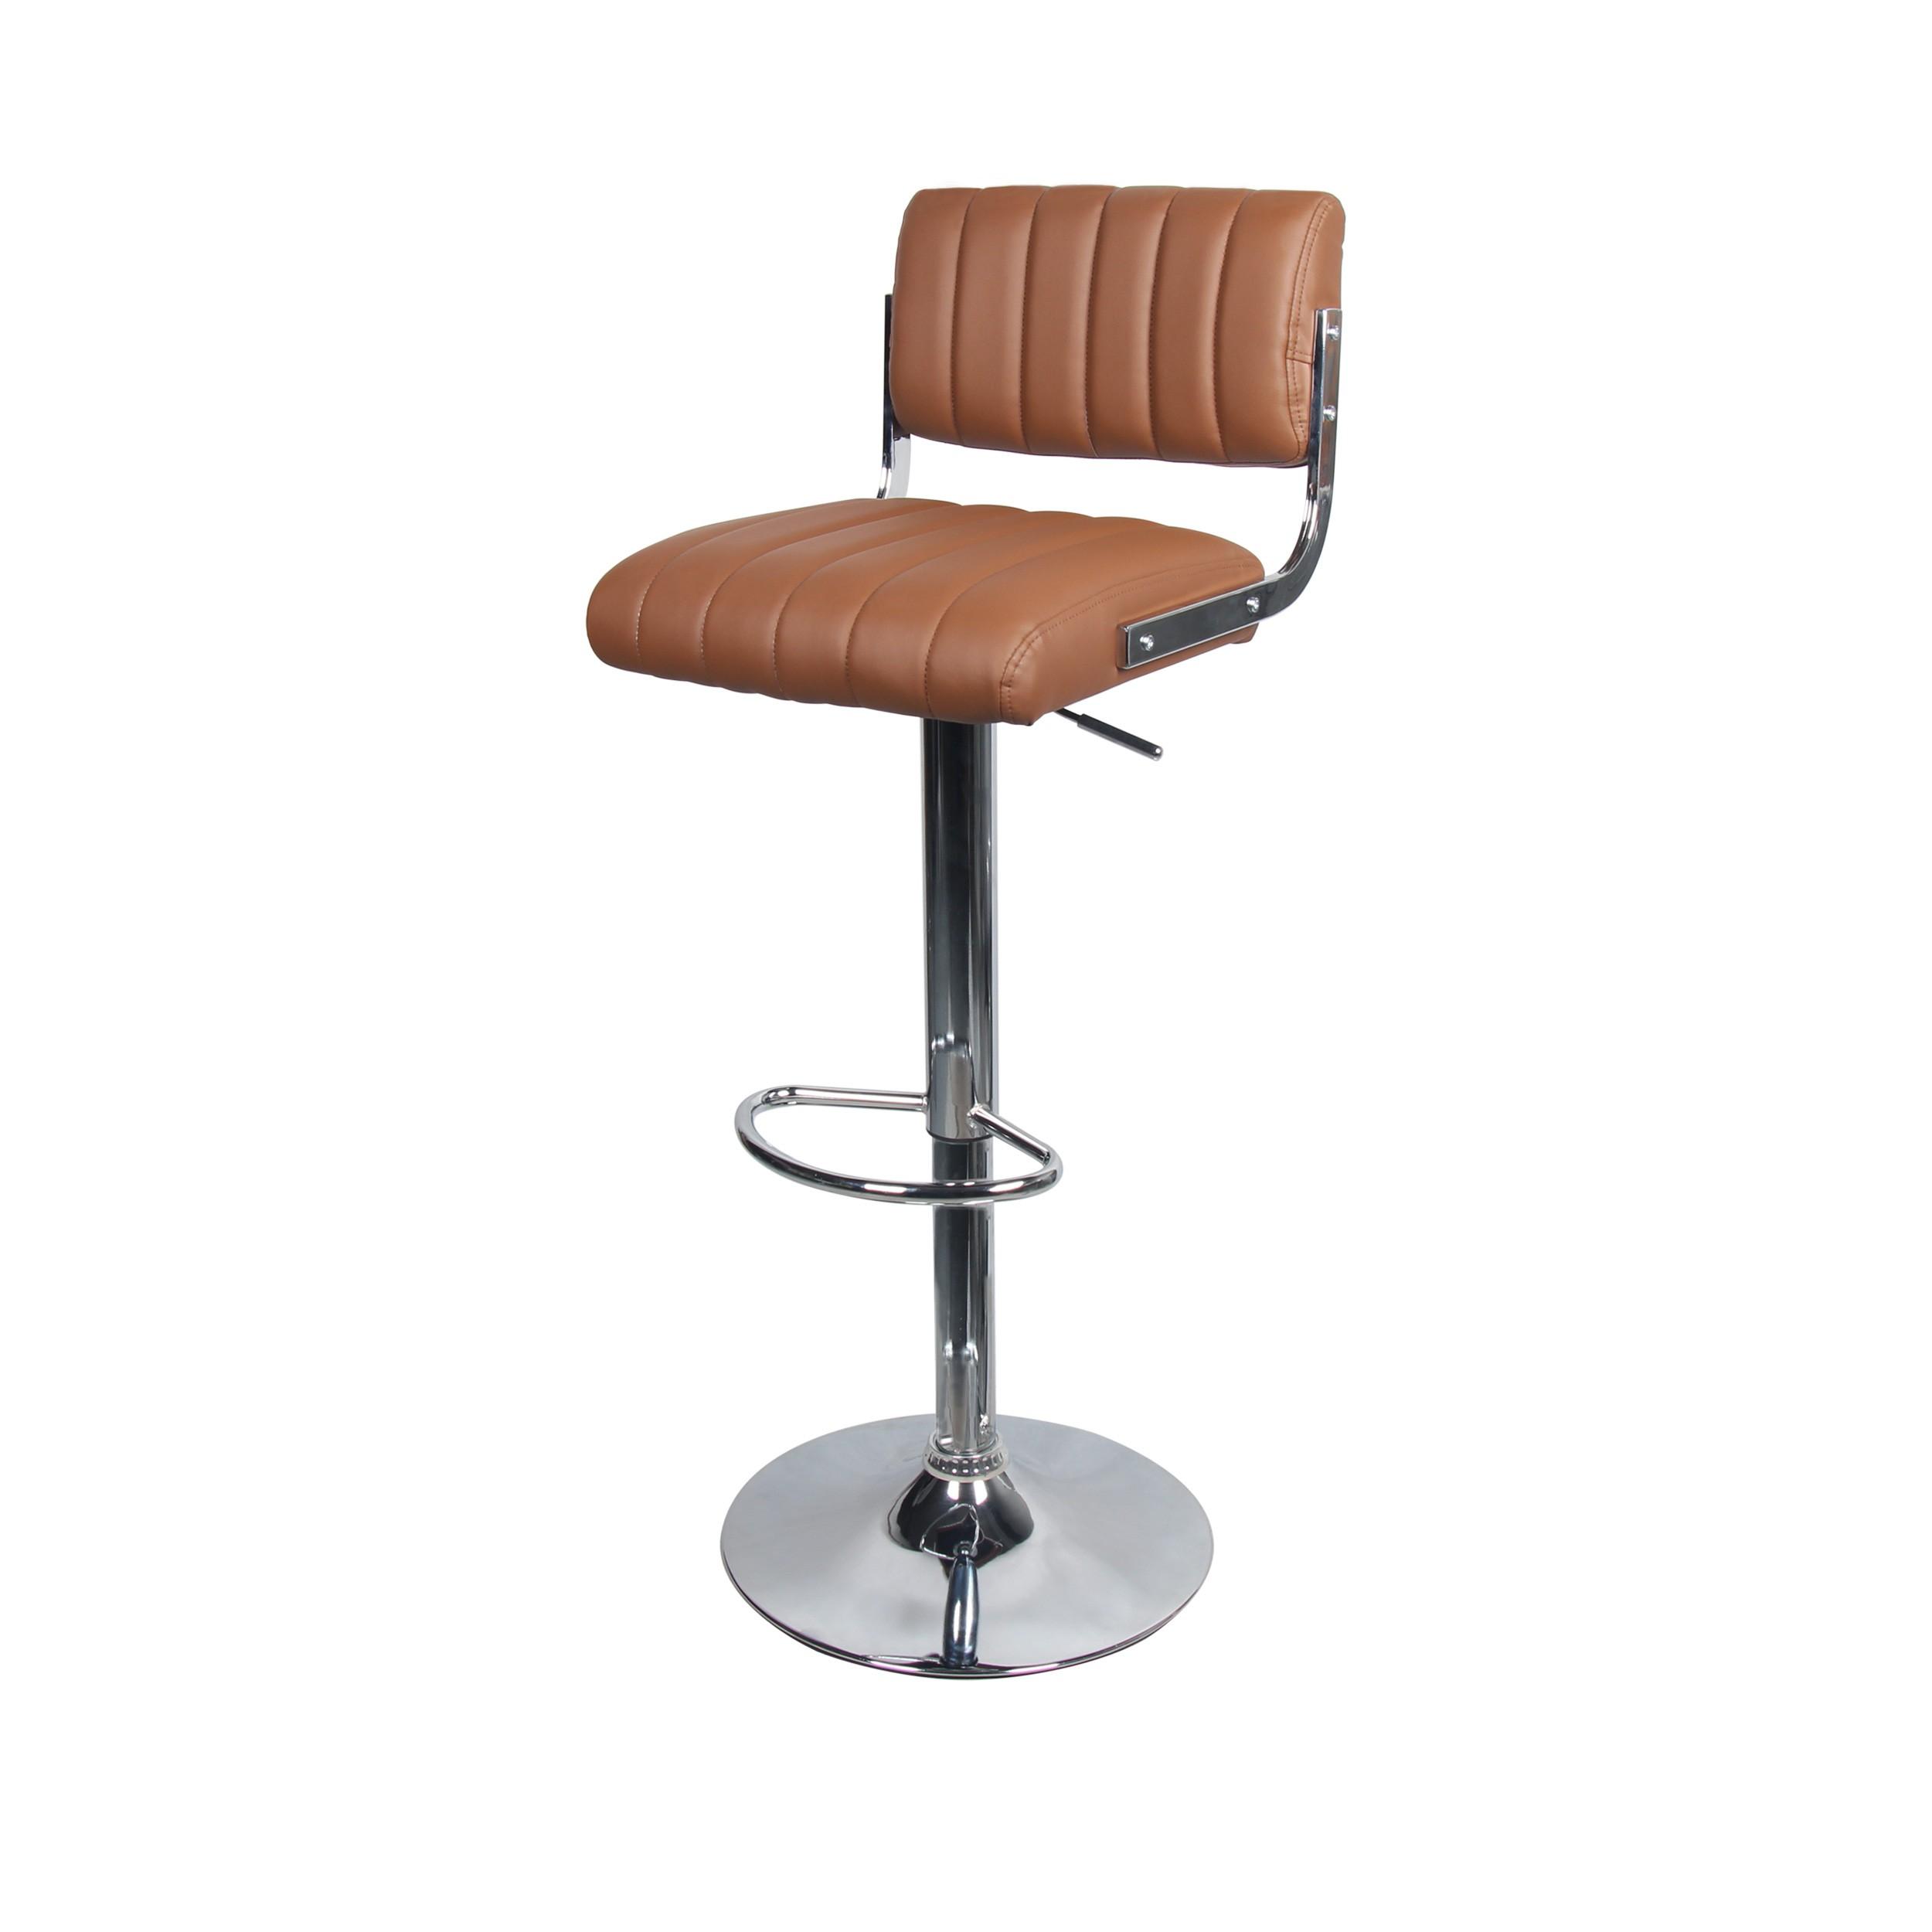 chaise de bar retro excellent chaise de bar rtro en cuir marron cognac chaises de bar jolipa. Black Bedroom Furniture Sets. Home Design Ideas